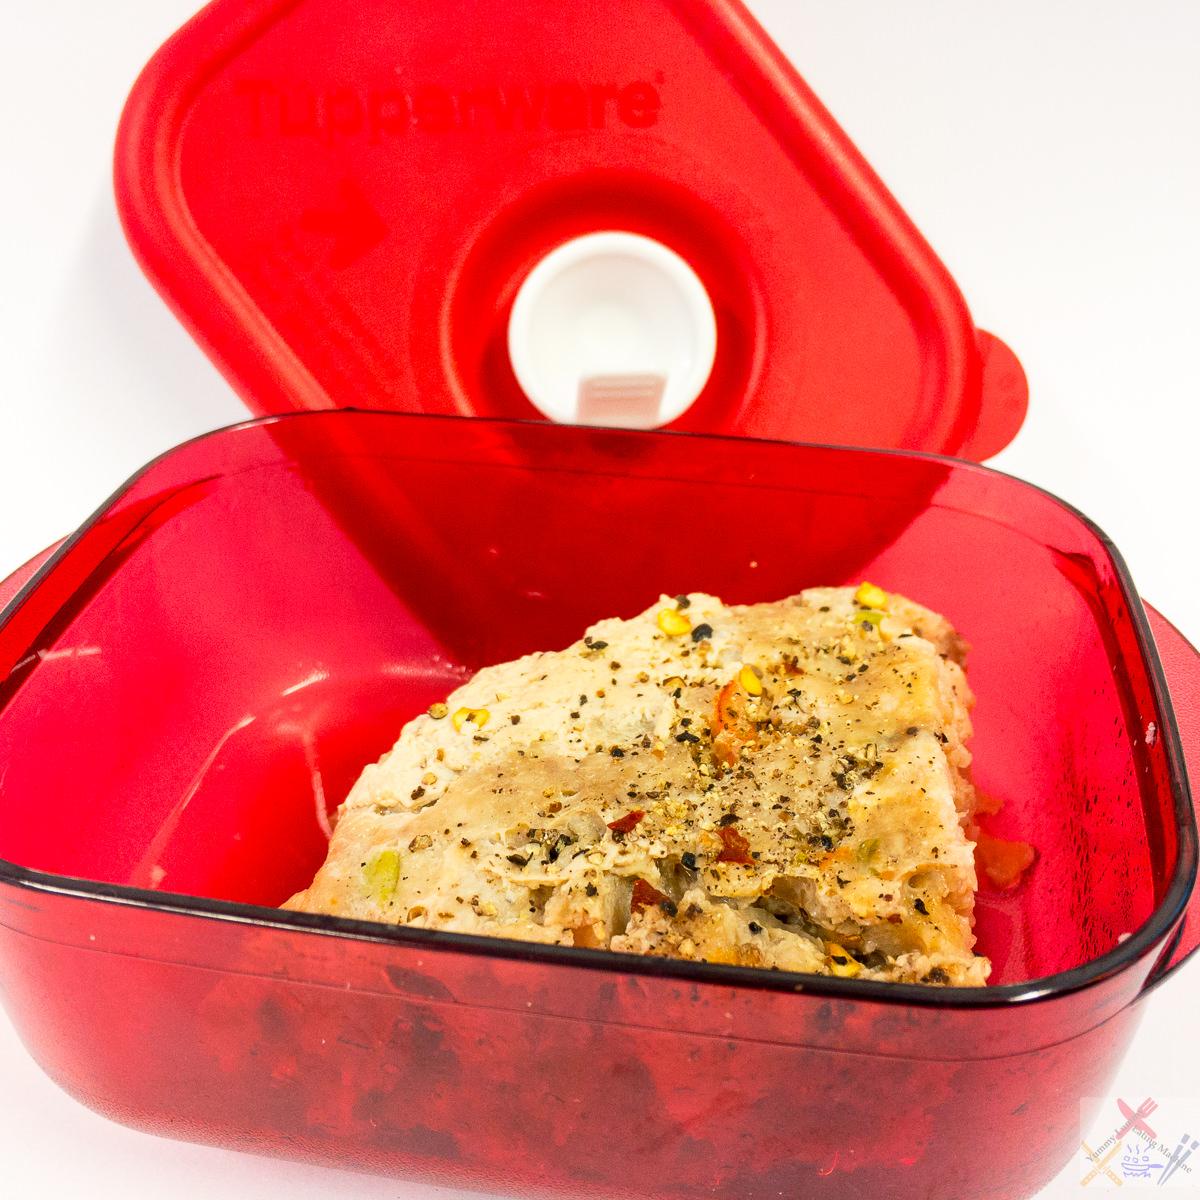 Yuk biang in Tupperware® Pressure cooker Gary Lum